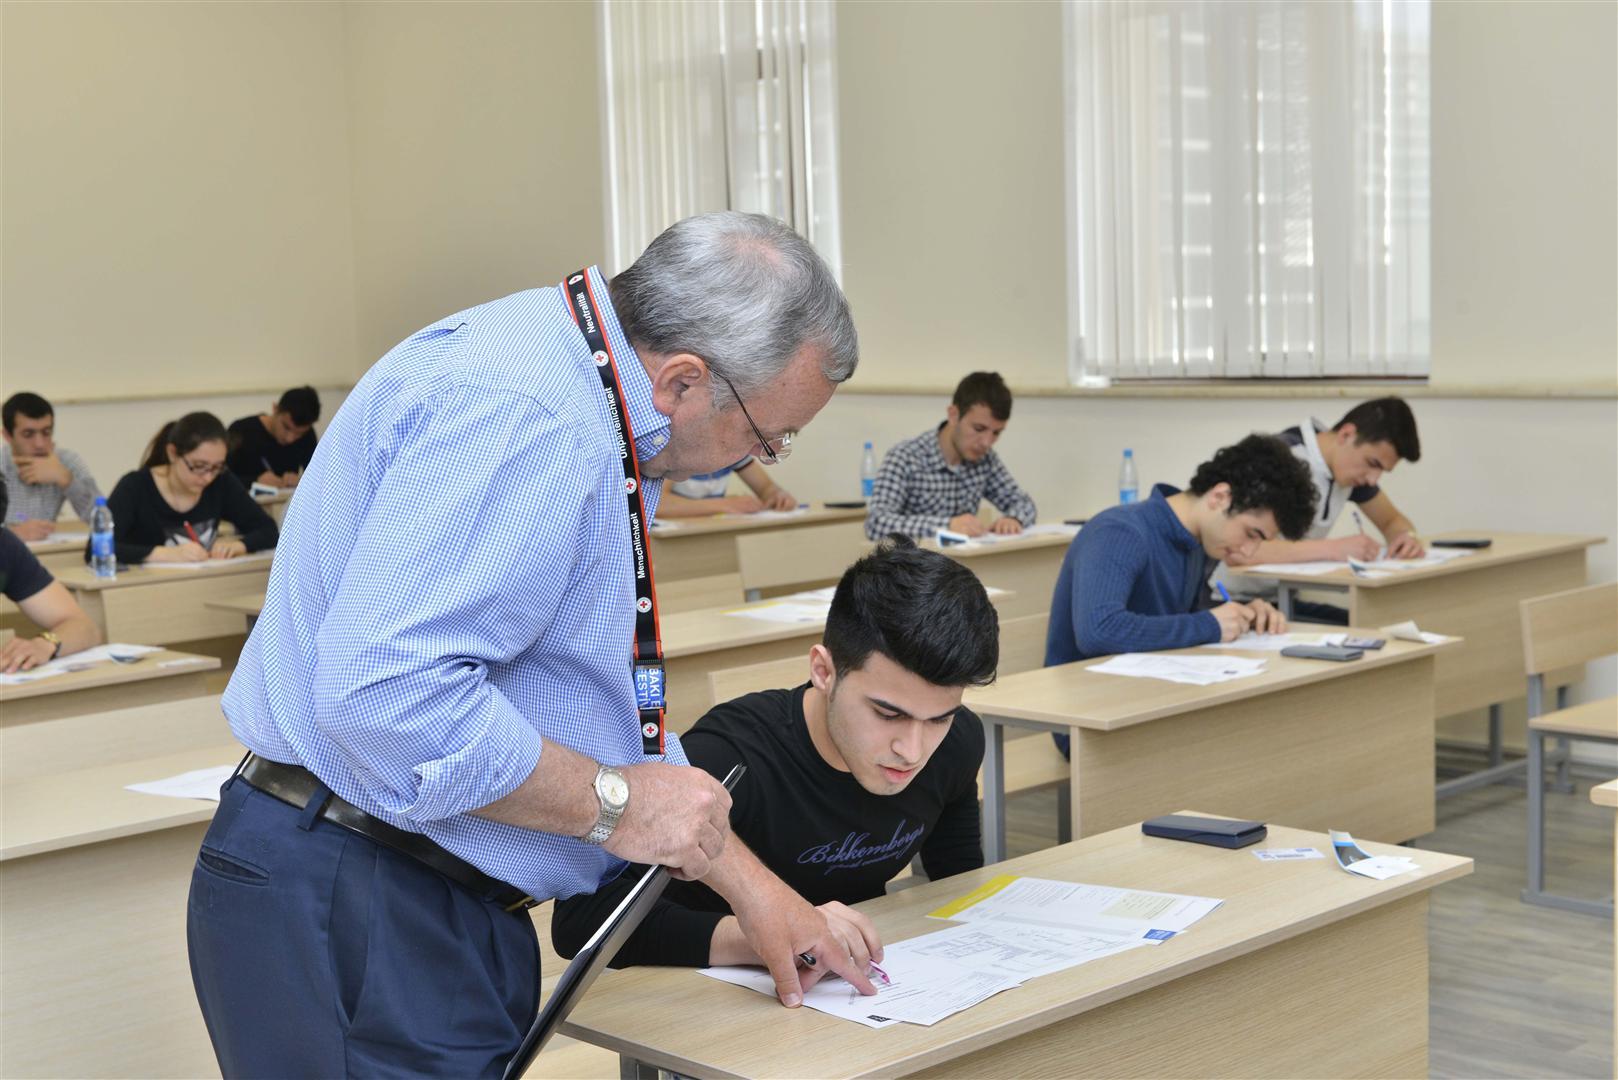 Студентка пришла сдавать экзамен, Студентки сдали экзамен профессору устно 9 фотография